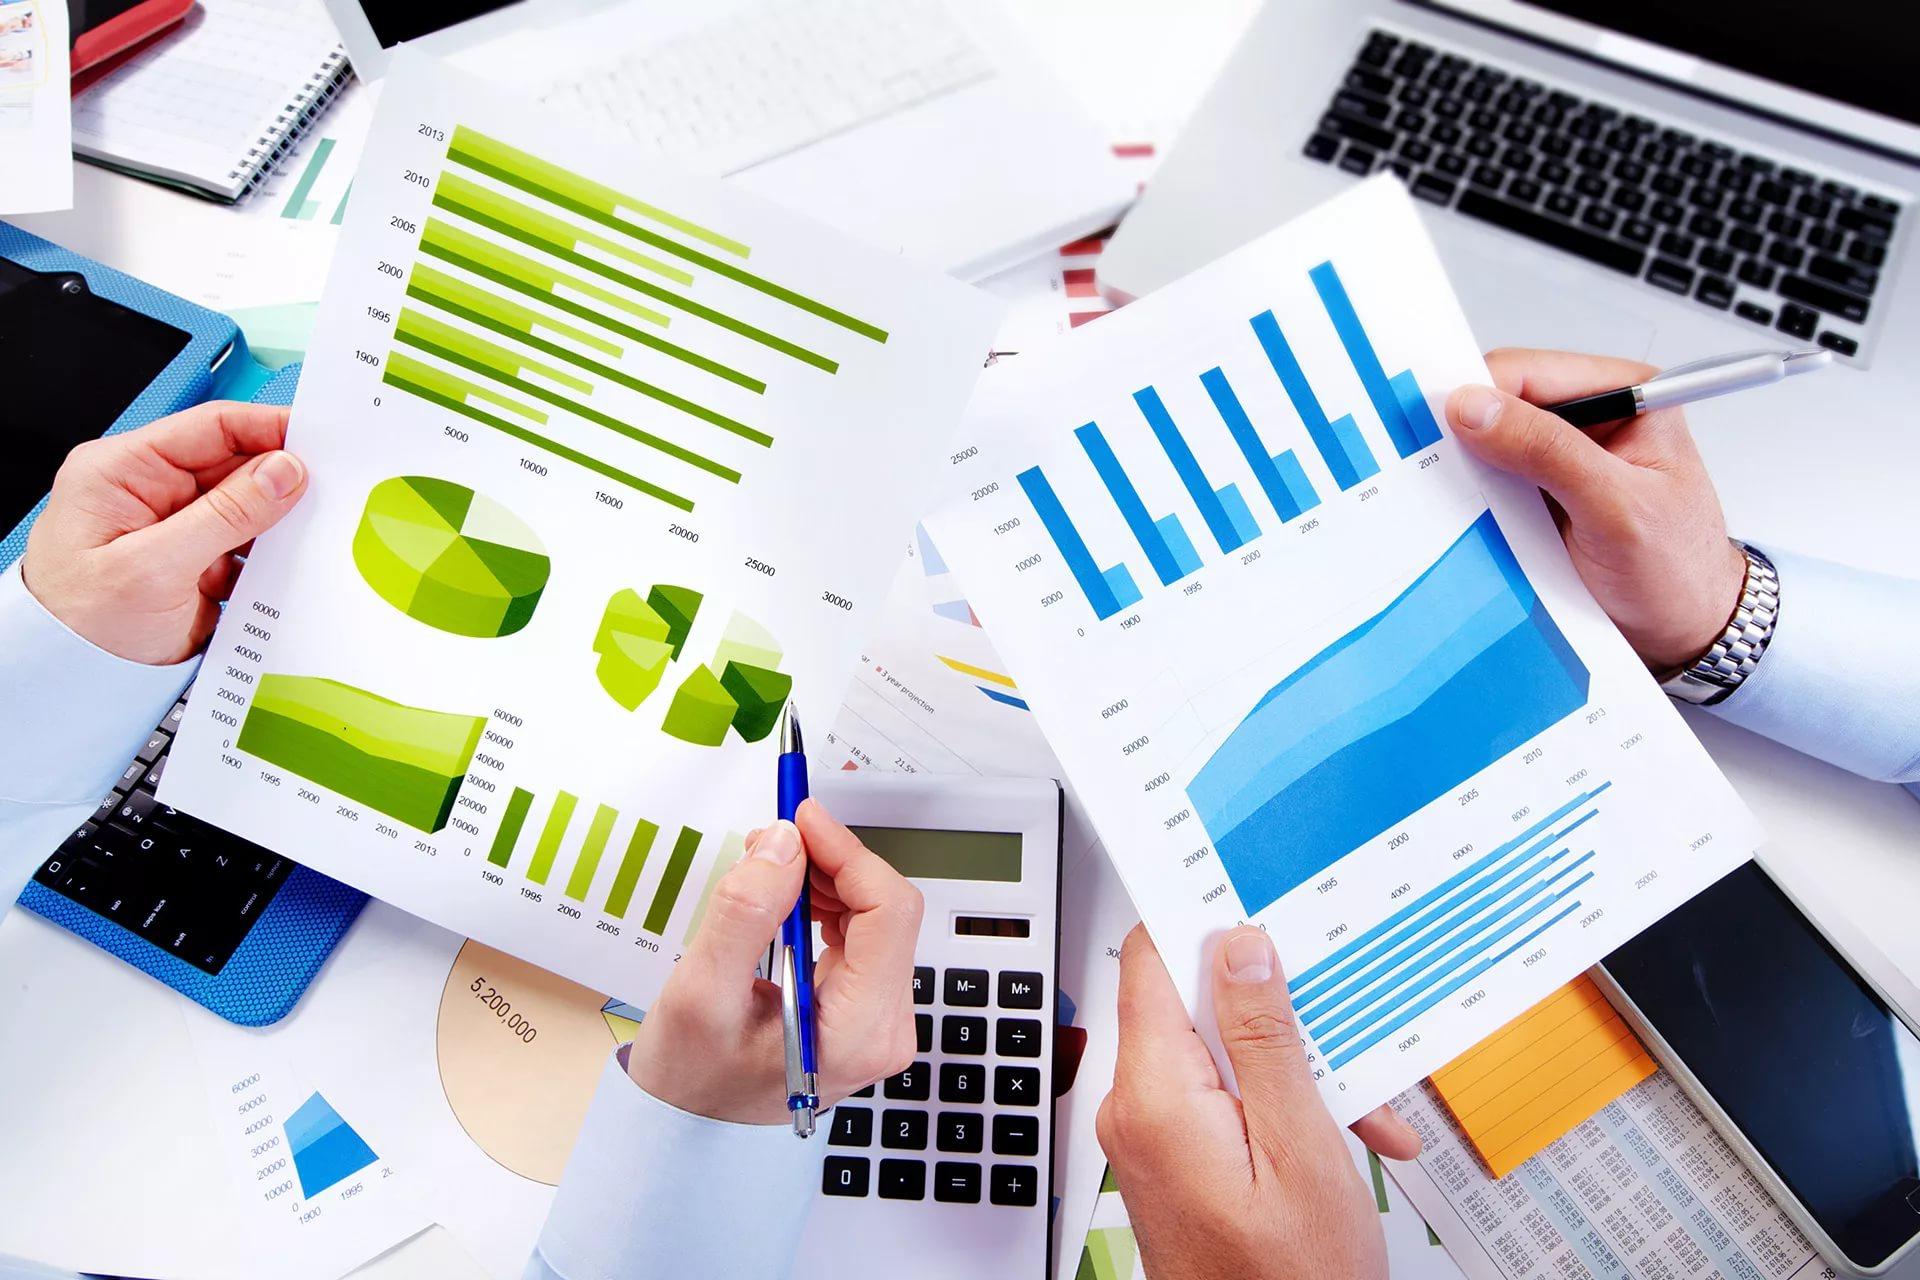 оценка бизнеса для чего нужна